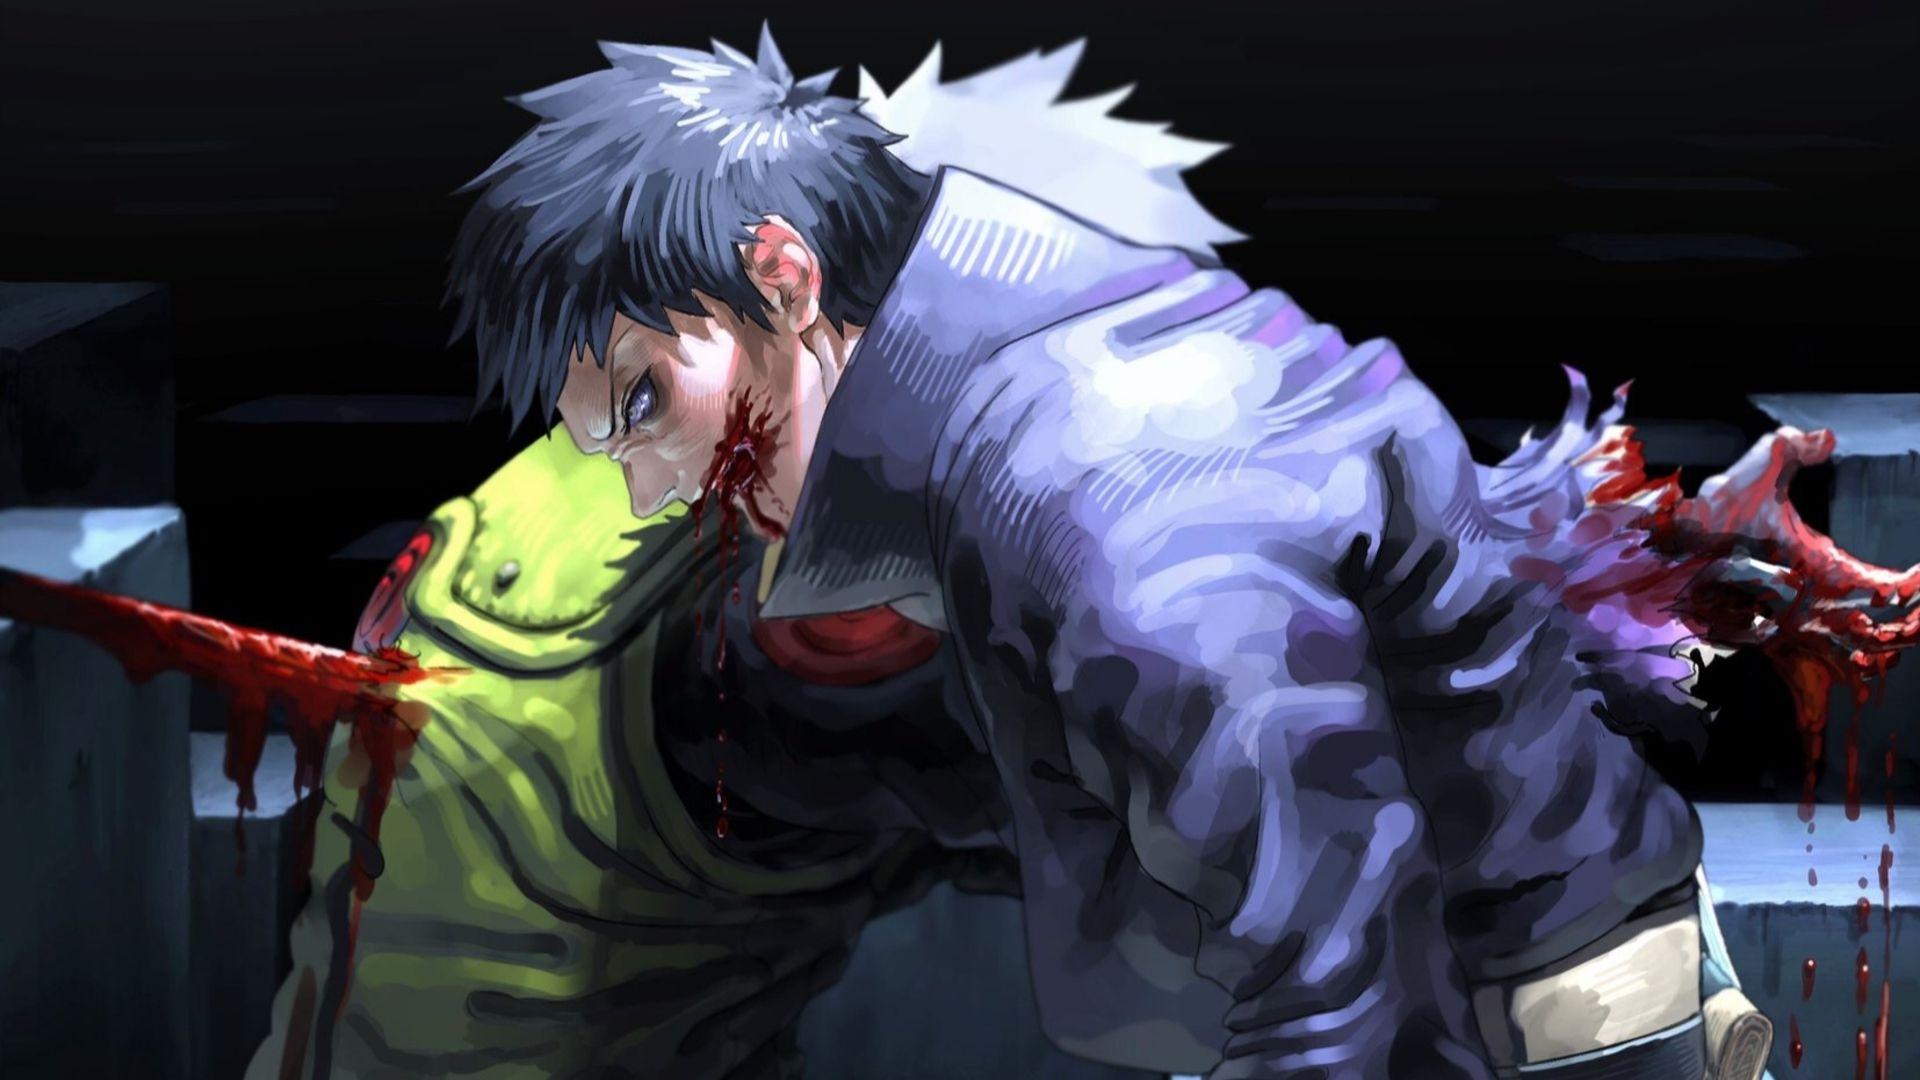 Anime Naruto Kakashi Hatake Obito Uchiha Hd Wallpaper Background Image Wallpaper Cart Kakashi Uchiha Naruto Kakashi